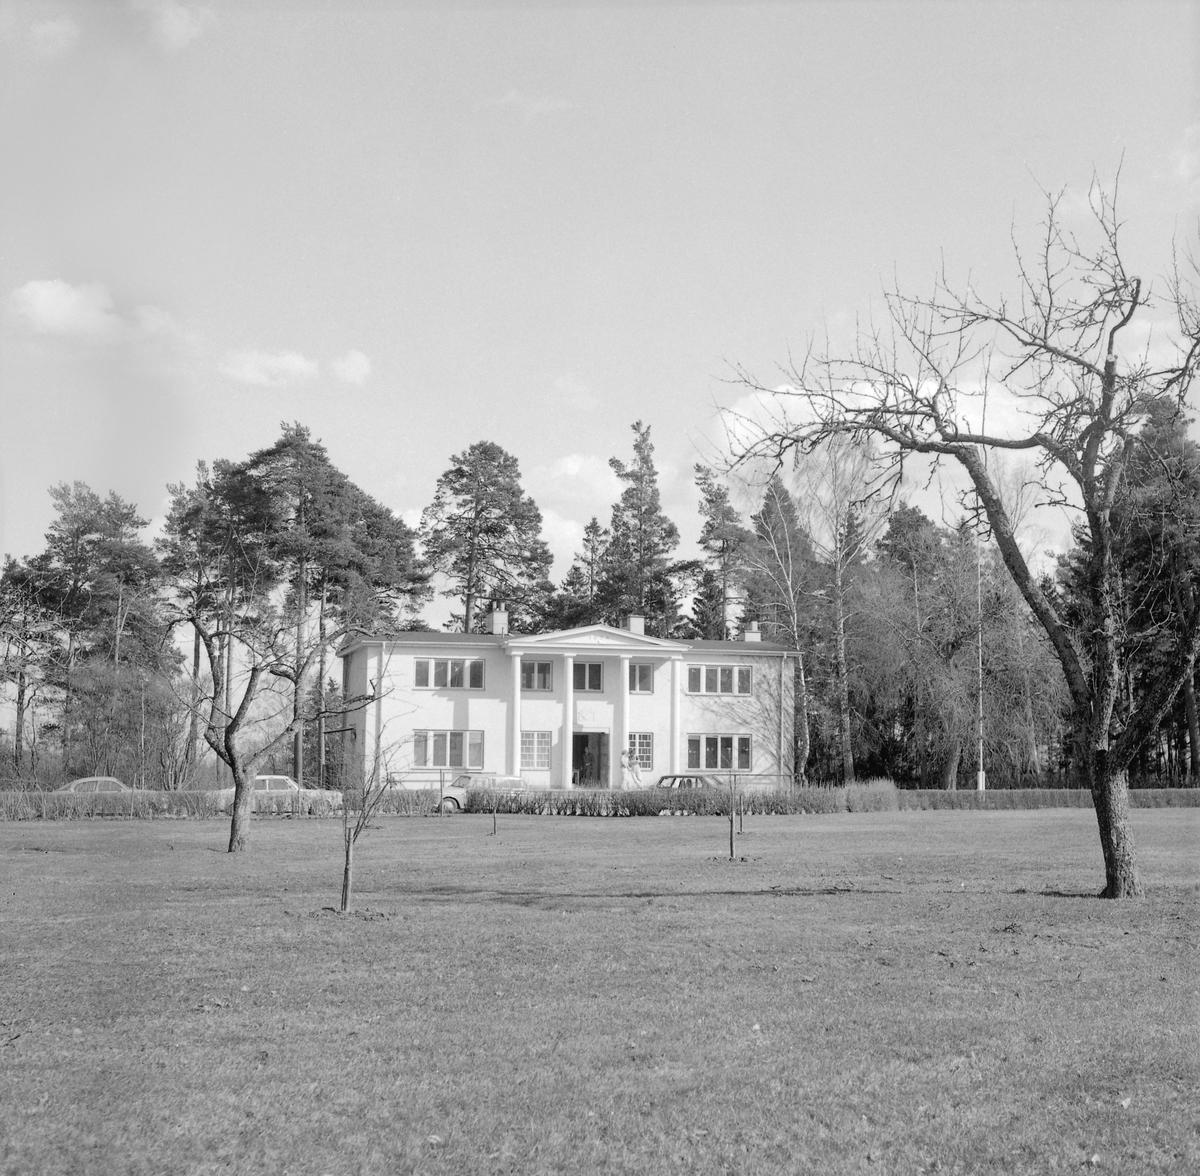 Disponentbostaden till Svenska Chokladfabriks AB (sedermera Cloetta) i Ljungsbro. Uppförd 1934 fördelad på sju rum och kök. Här dokumenterad av Östergötlands museum 1975.